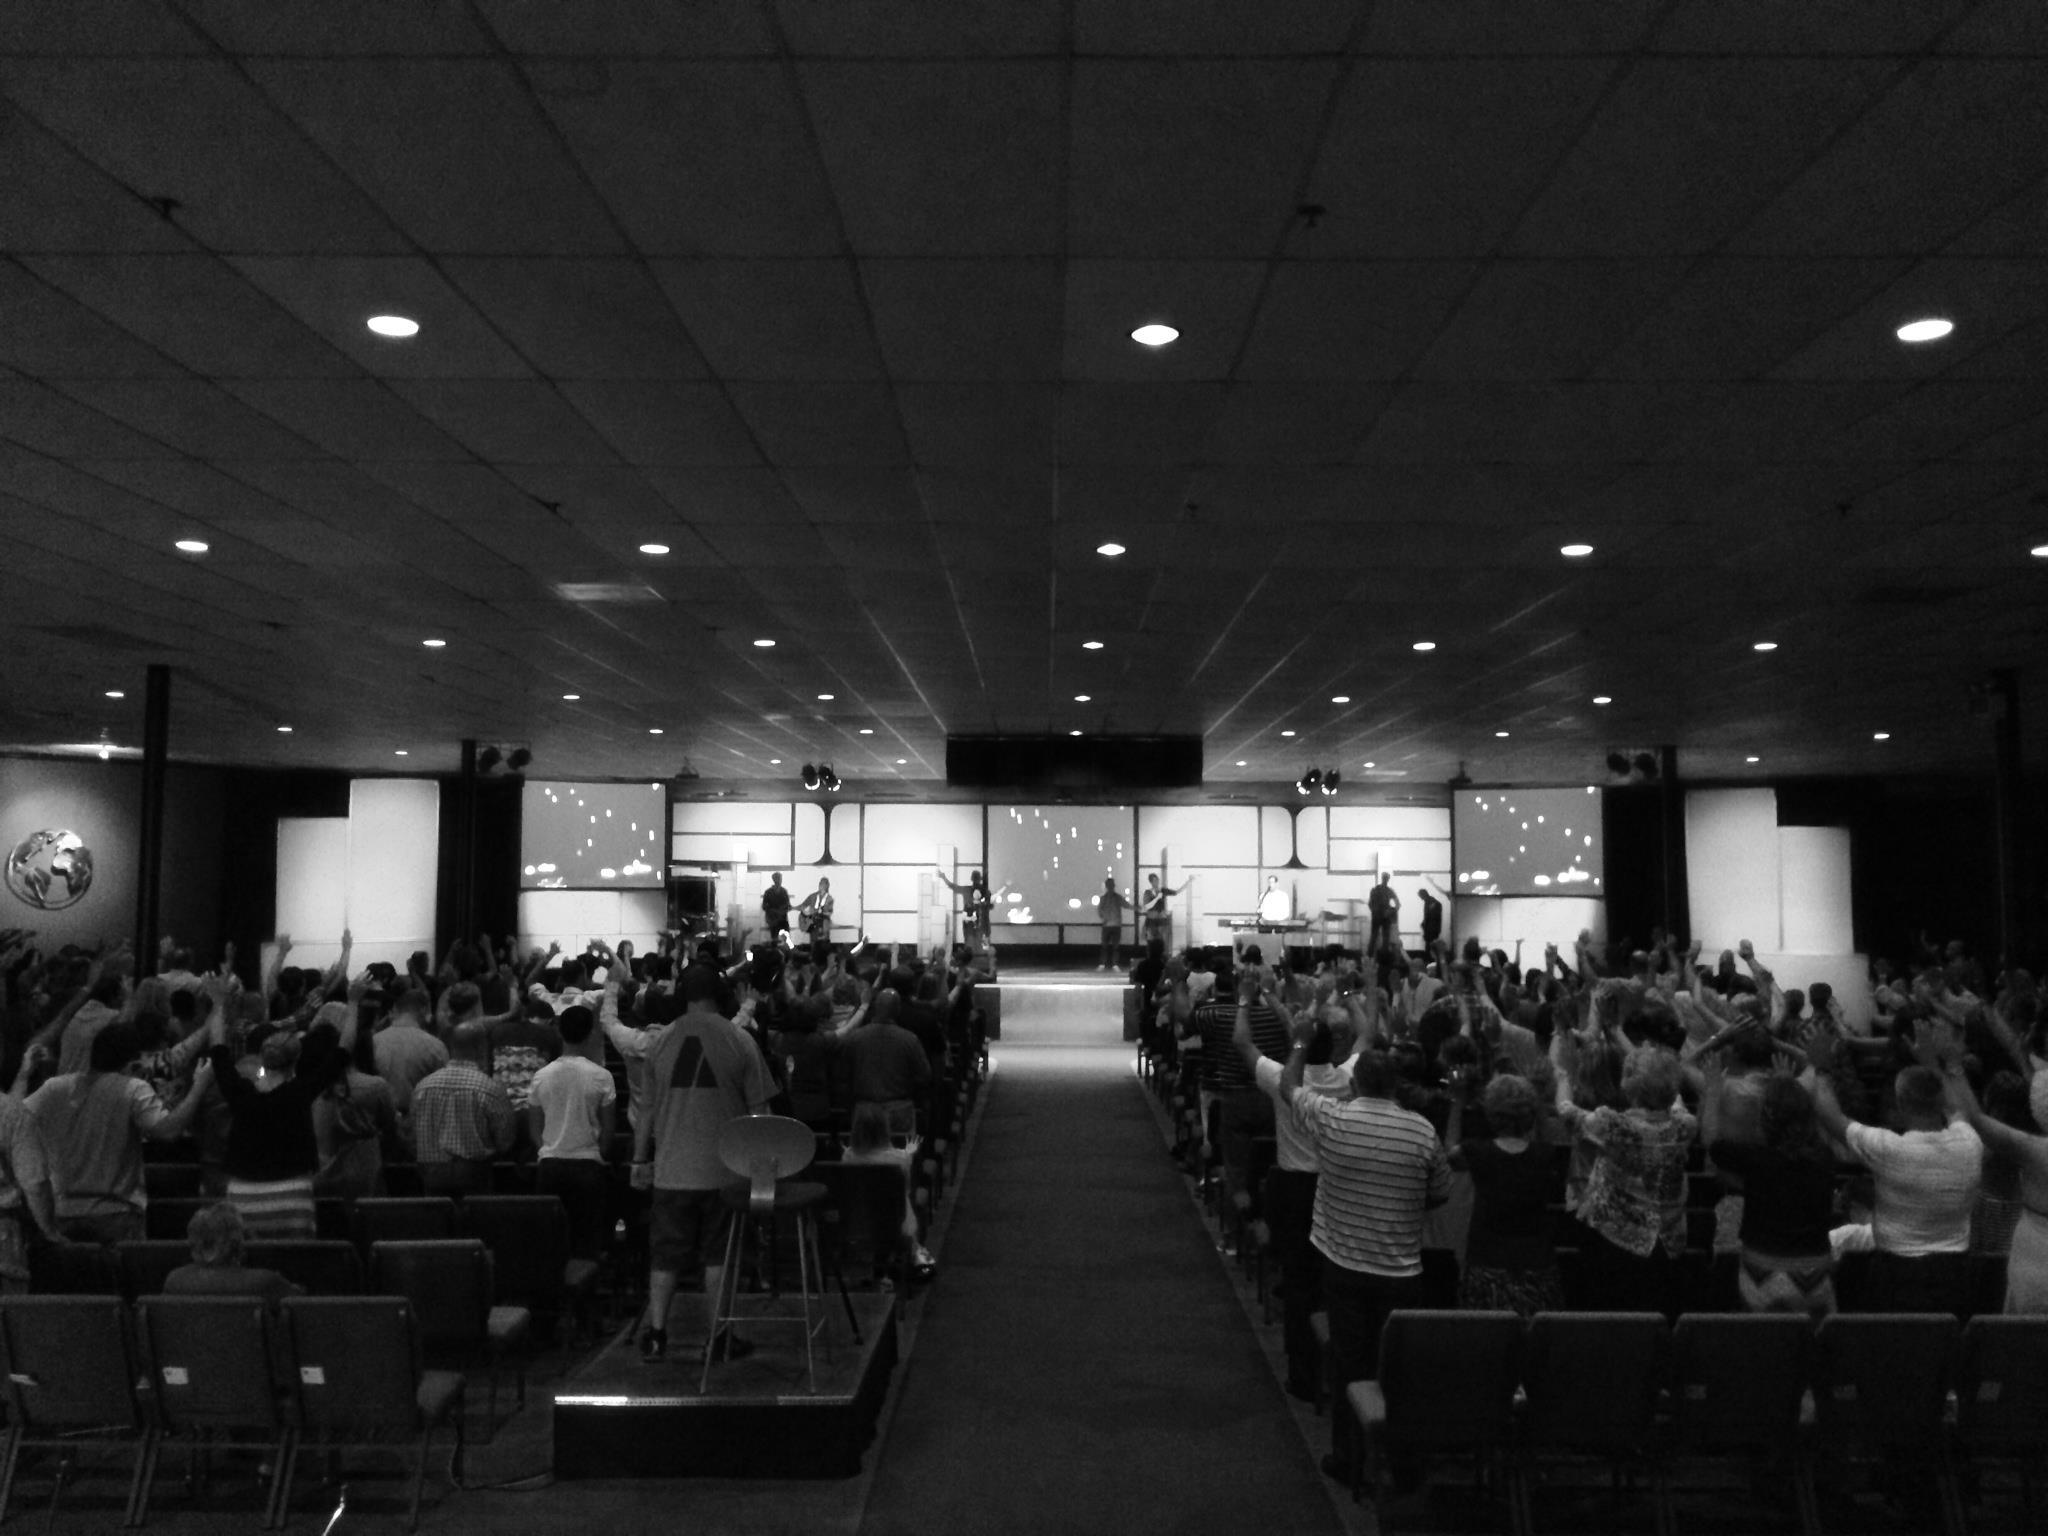 Image of the Auditorium – Zion event area